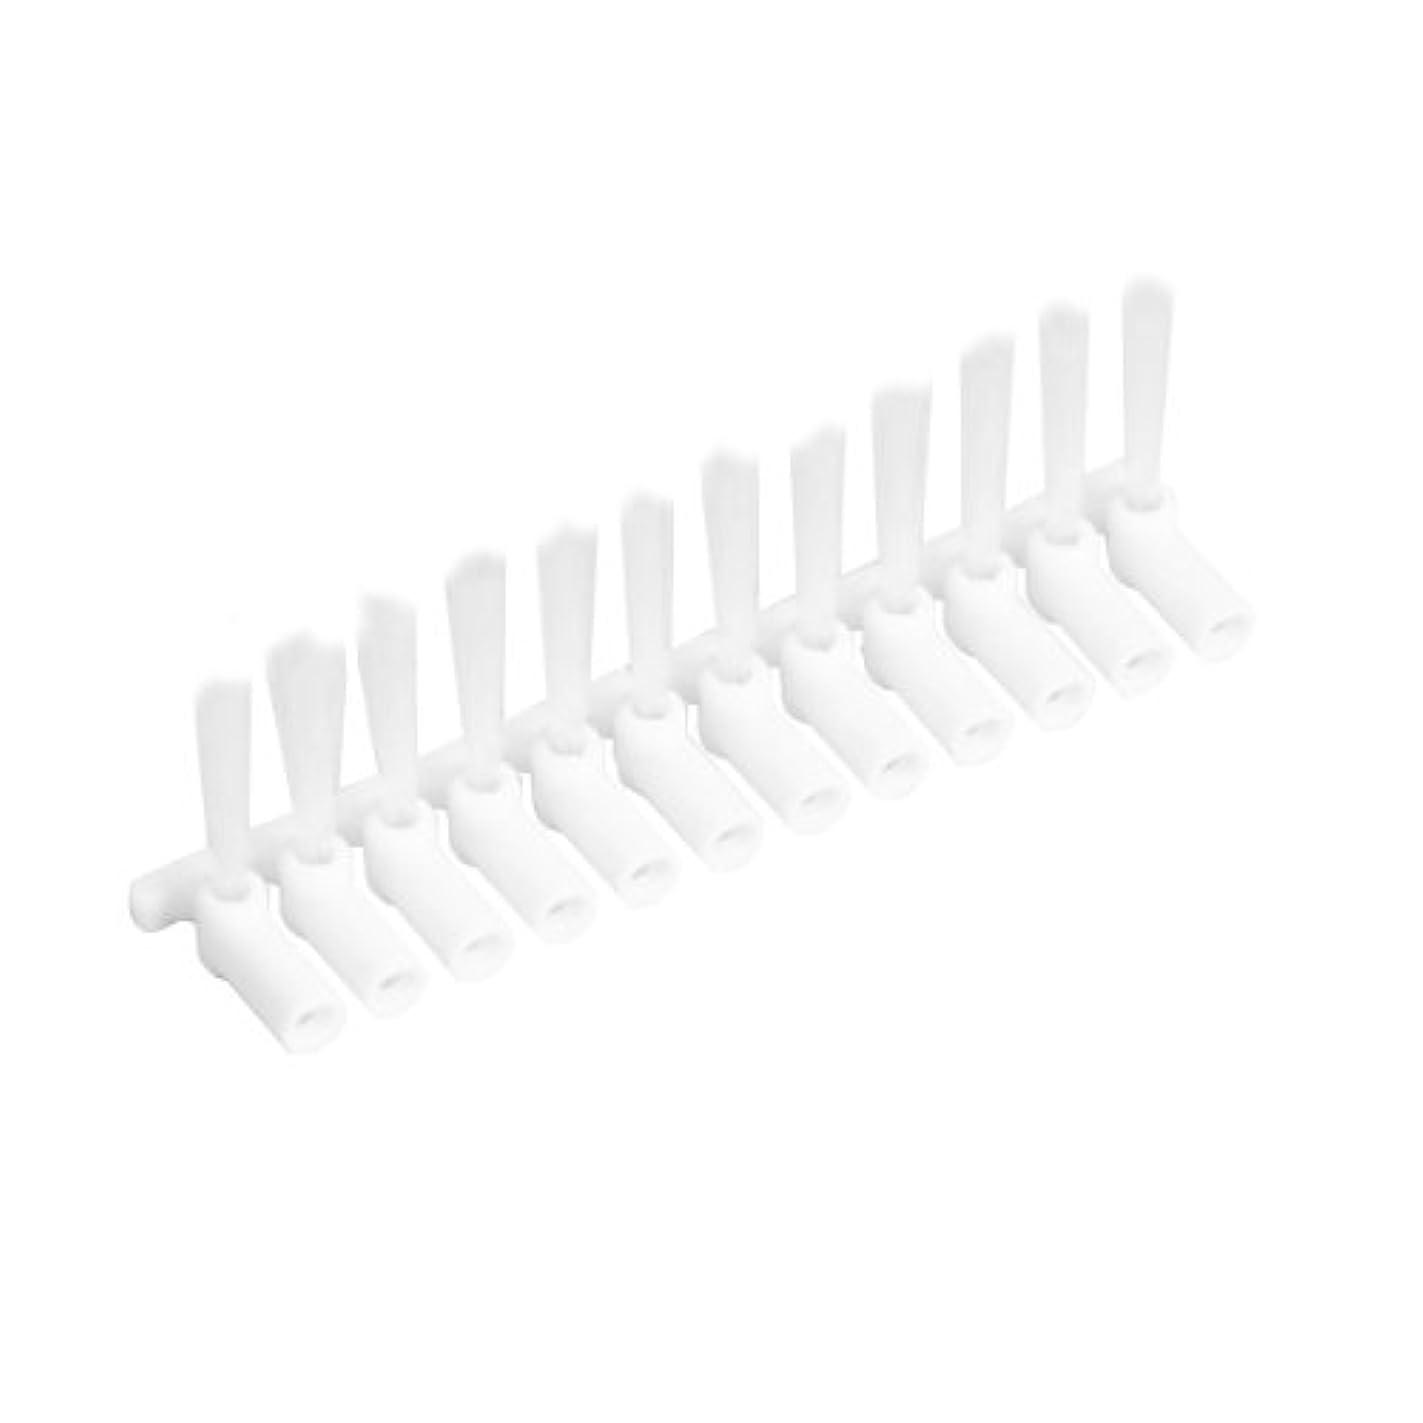 確立アフリカ一般山善 電動歯間ブラシ デンタルペッカー専用替ブラシ 12本(専用保管ケース付) DPK-10